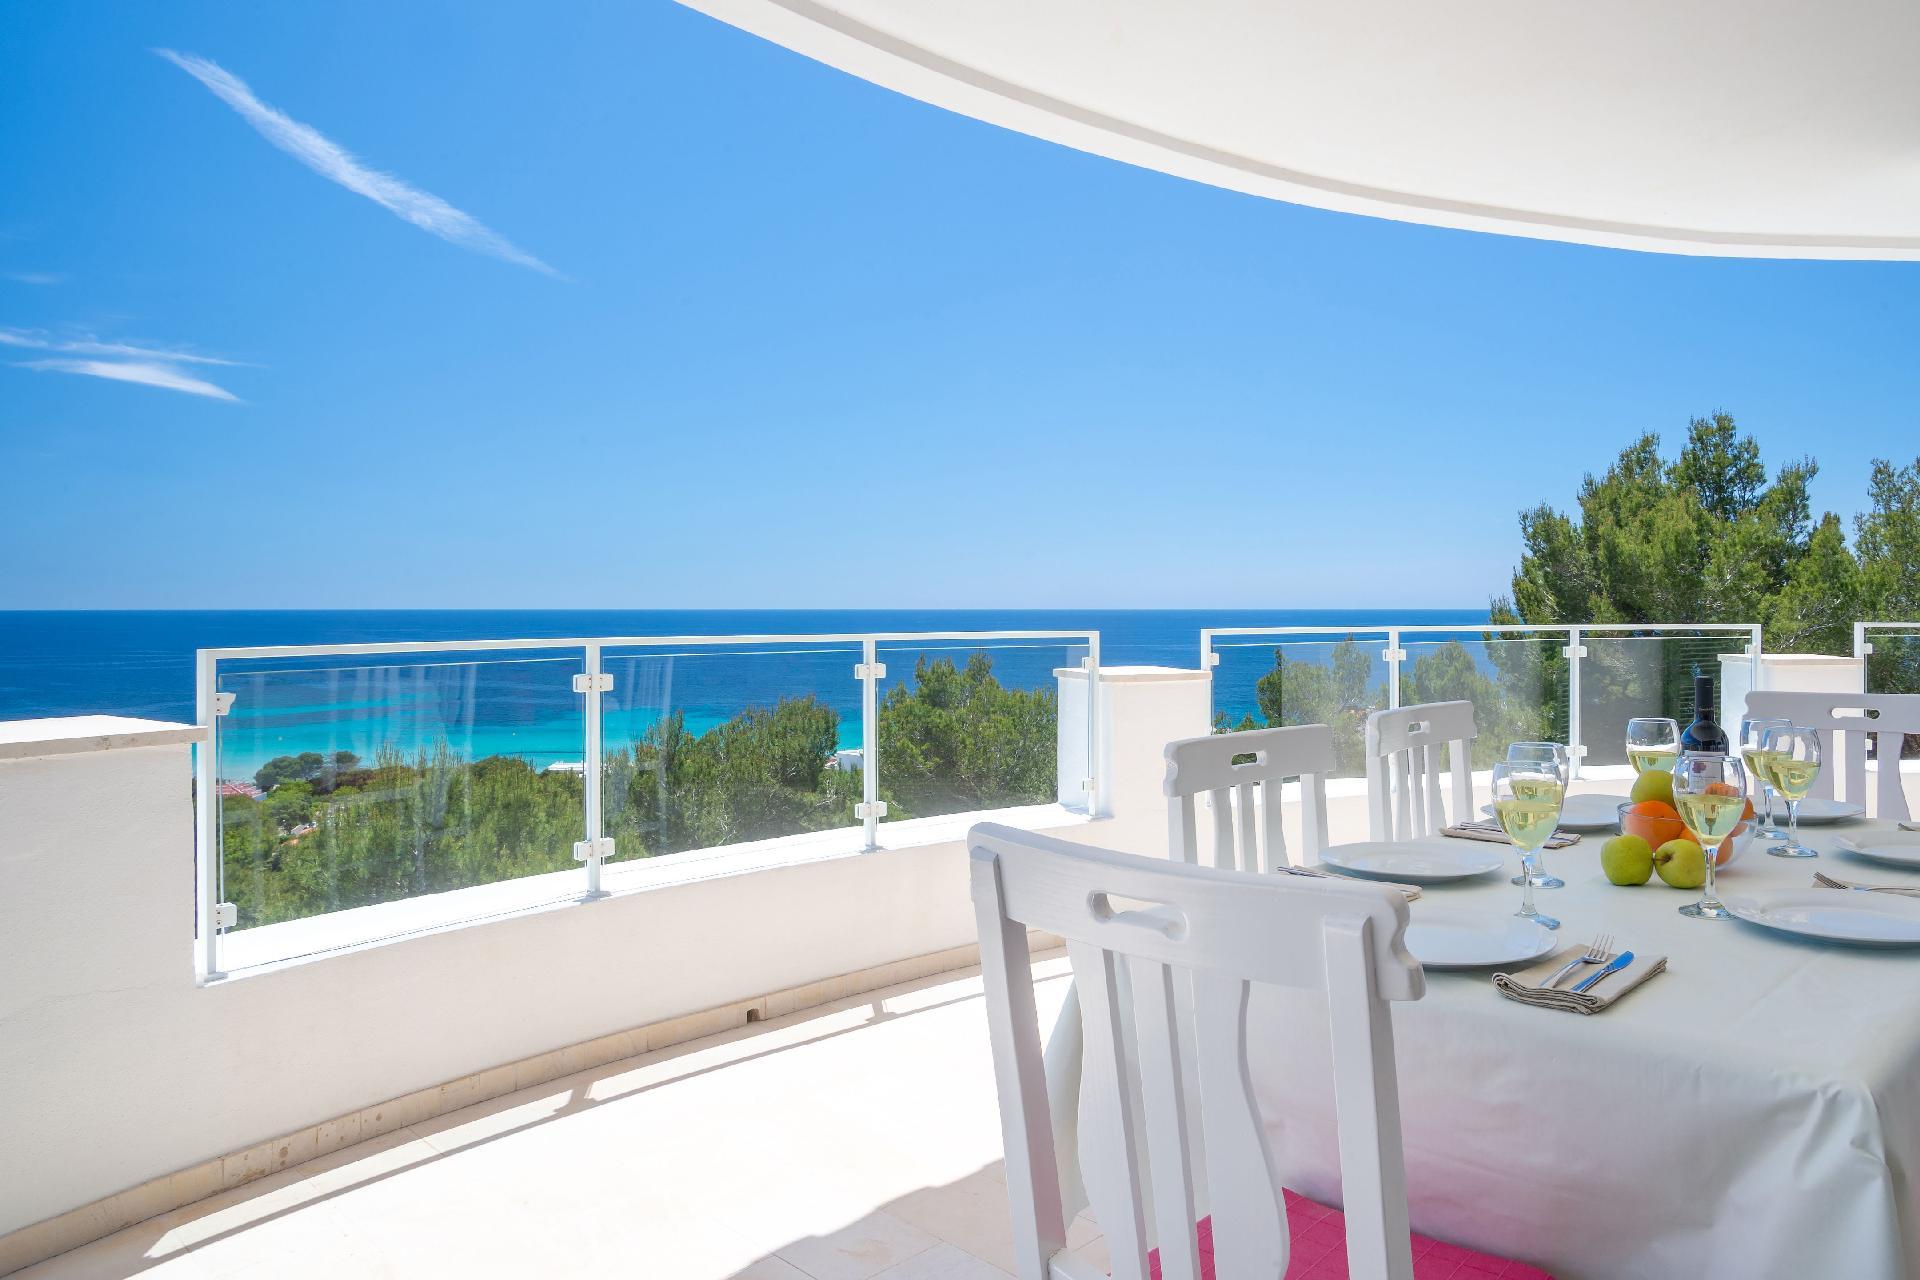 Ferienhaus mit Privatpool für 6 Personen ca 494 m² in Santo Tomas Menorca Südküste von Menorca